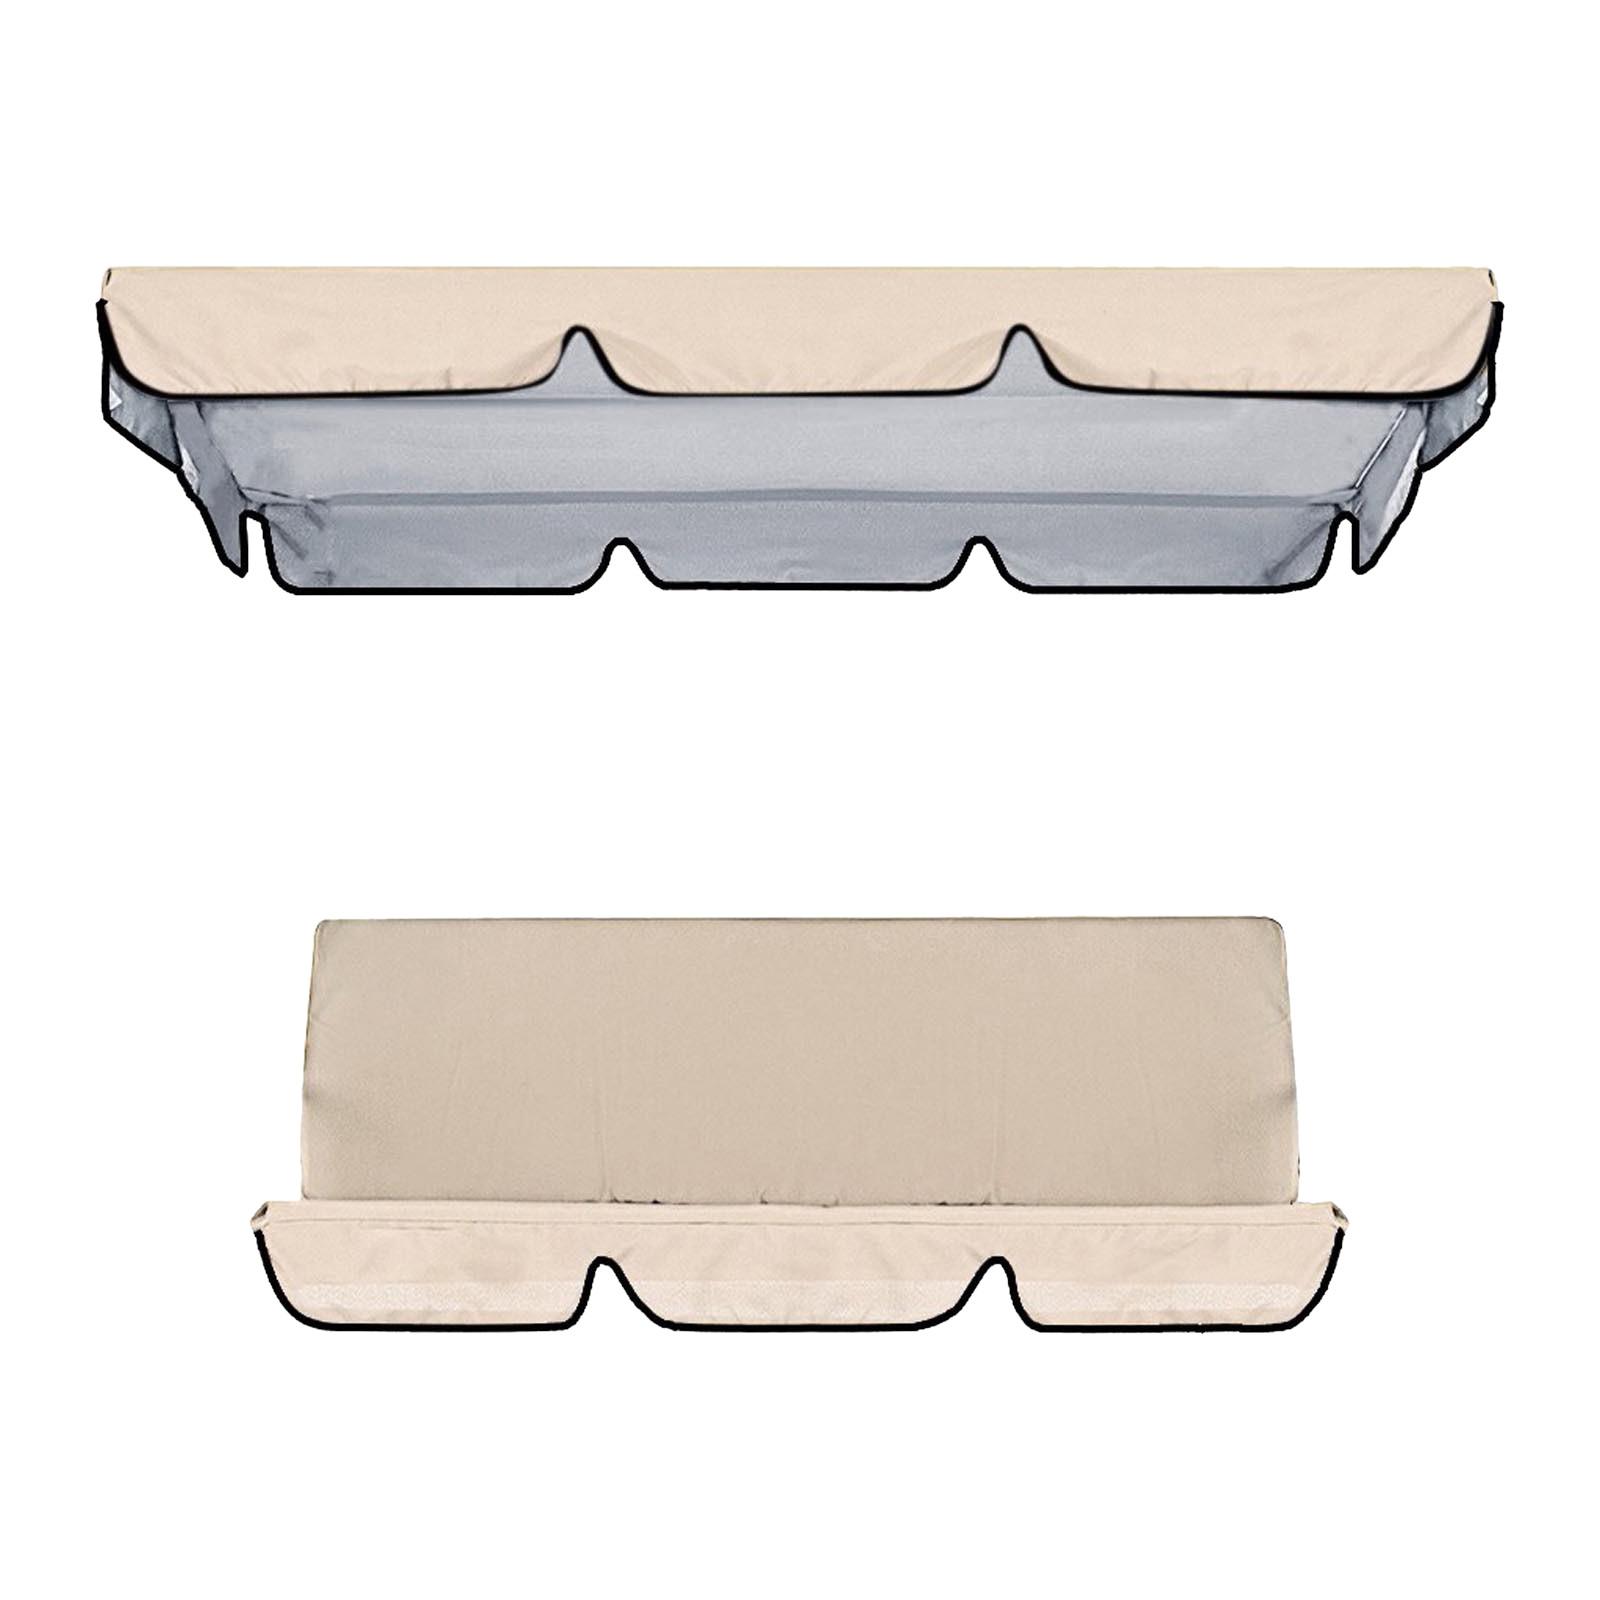 miniatura 26 - Sostituzione della copertura della sedia a dondolo da esterno per patio,